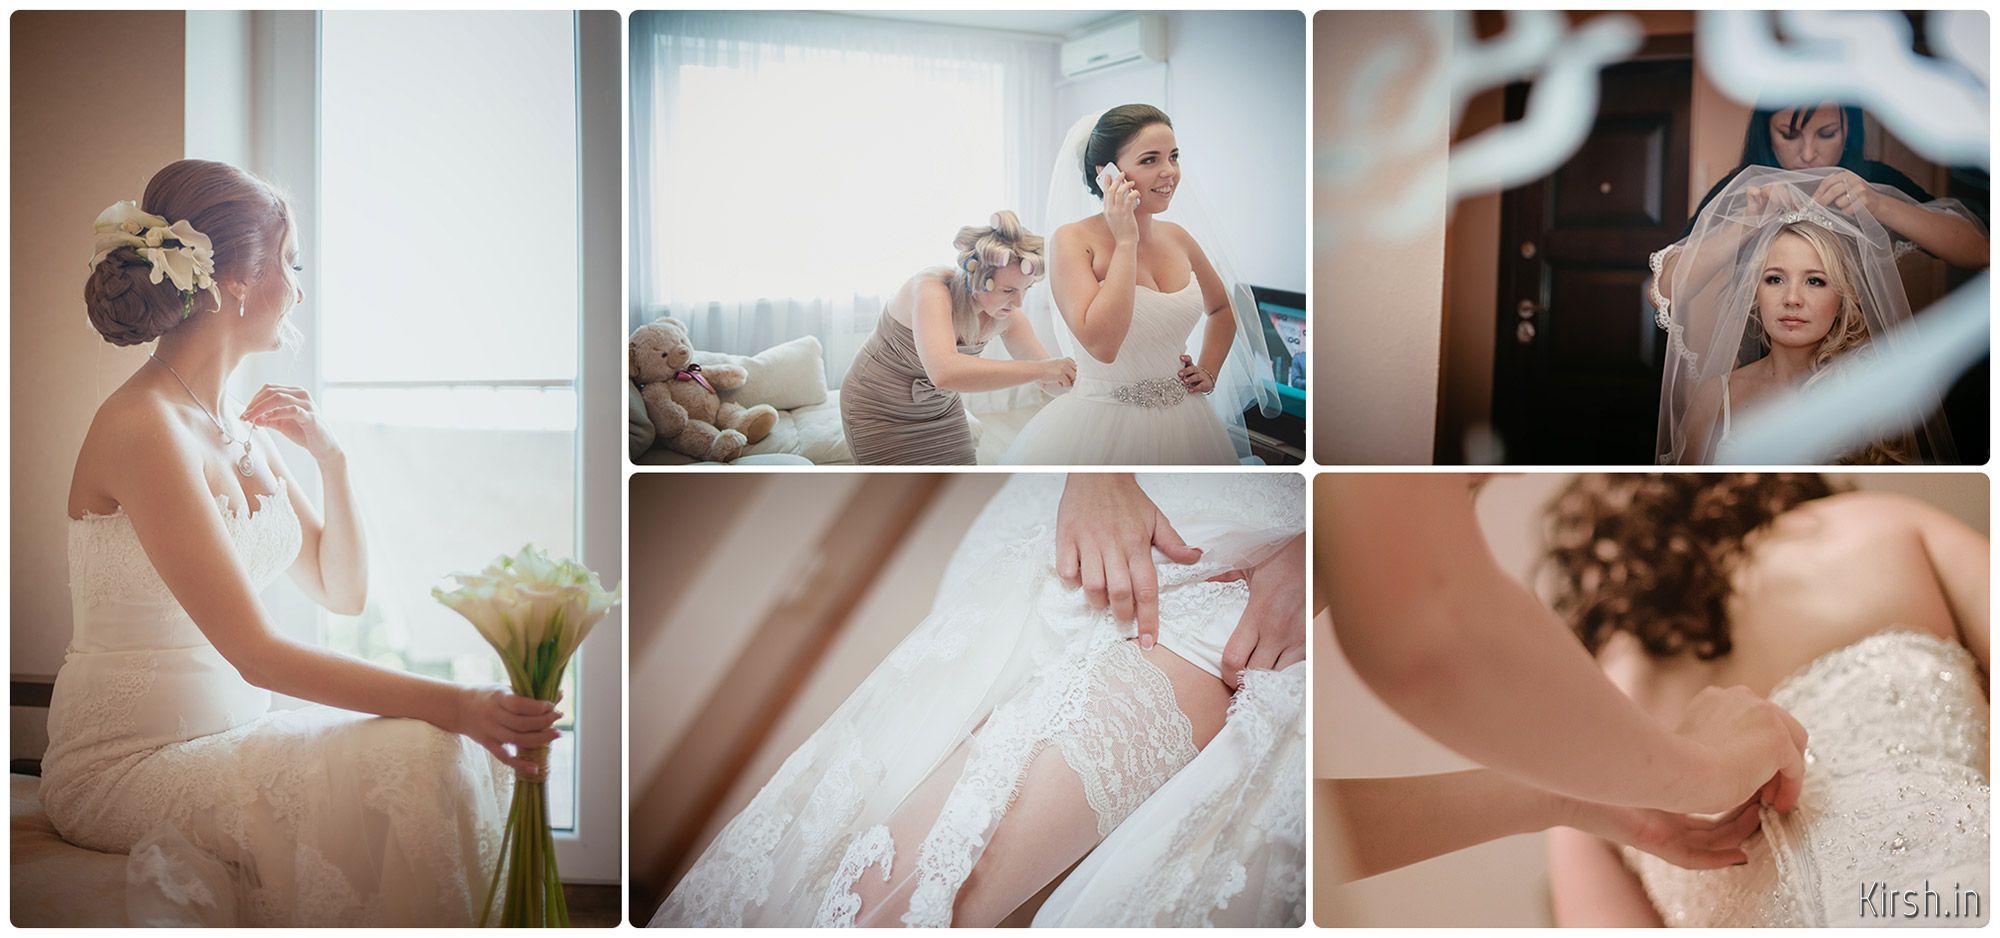 как позировать перед свадебным фотографом фото алекно прошлом известный